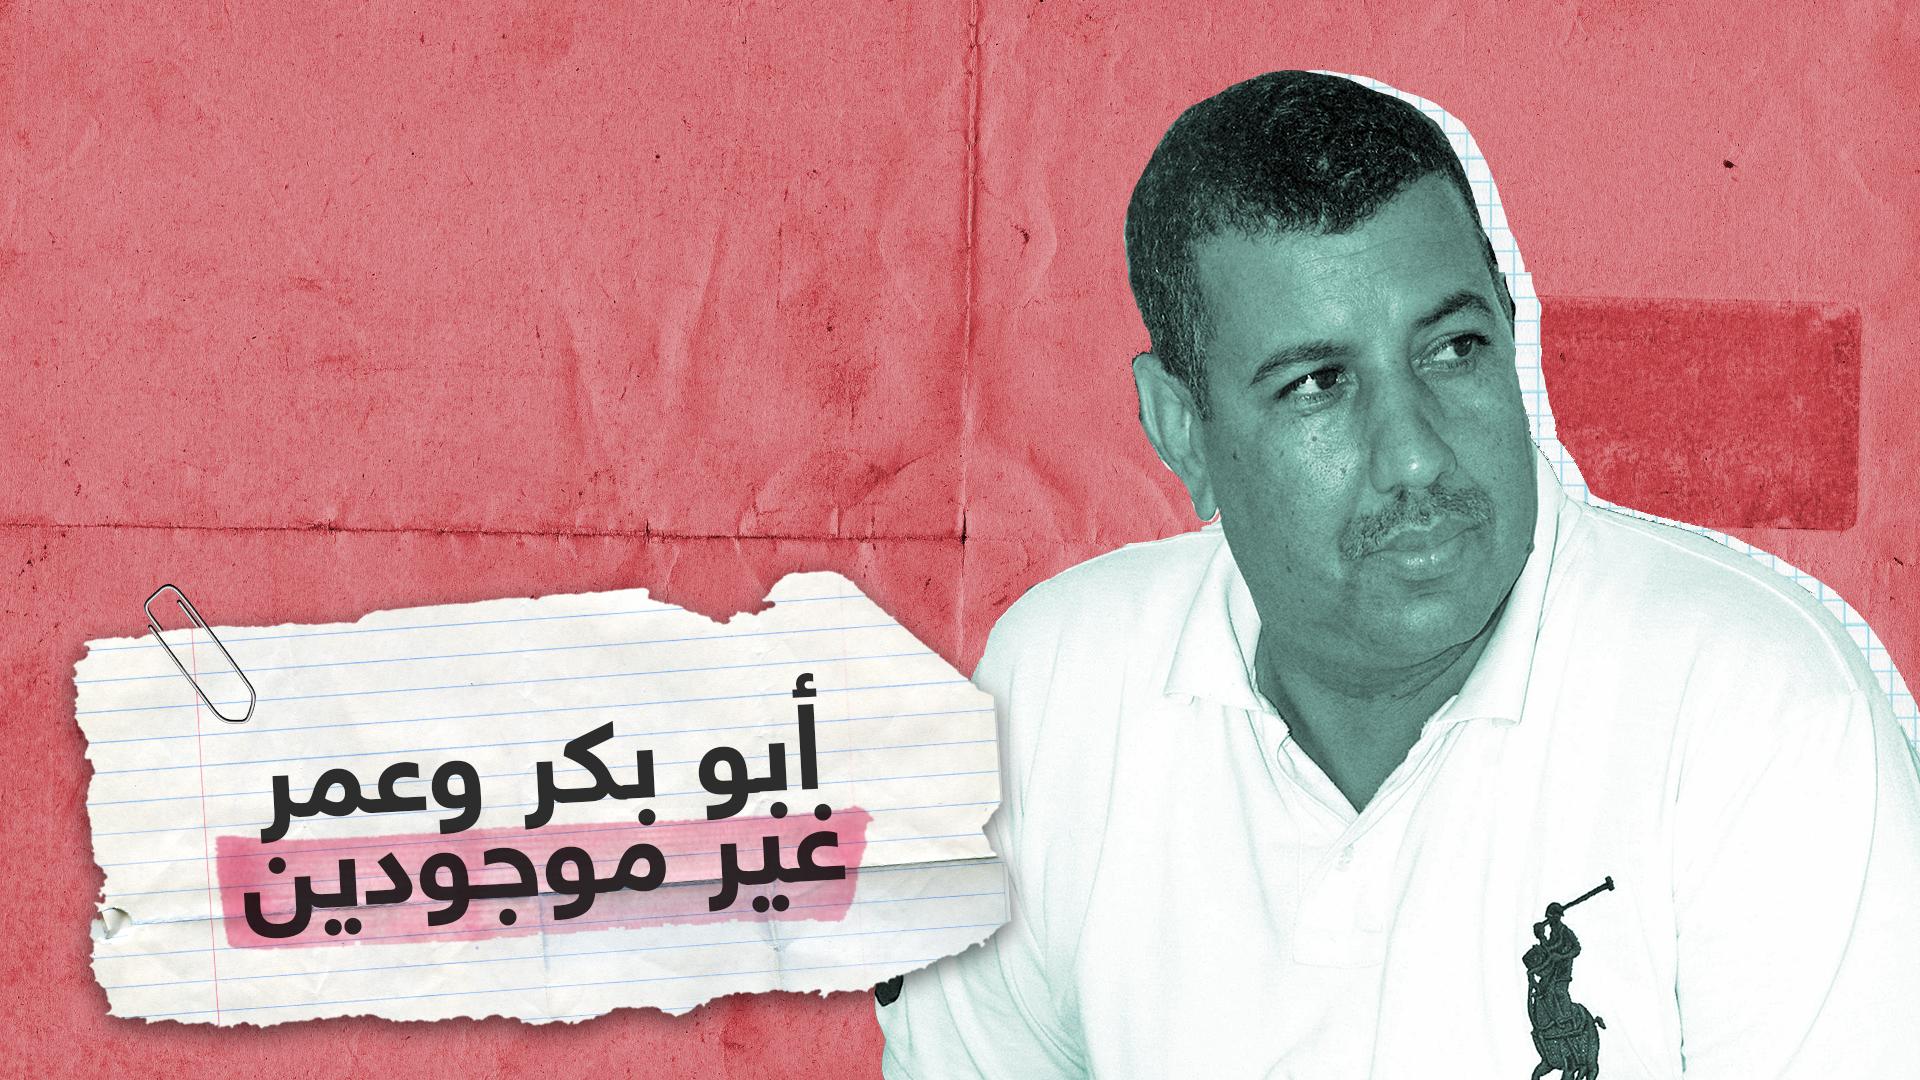 باحث مغربي ينفي وجود أبو بكر الصديق وعمر بن الخطاب!